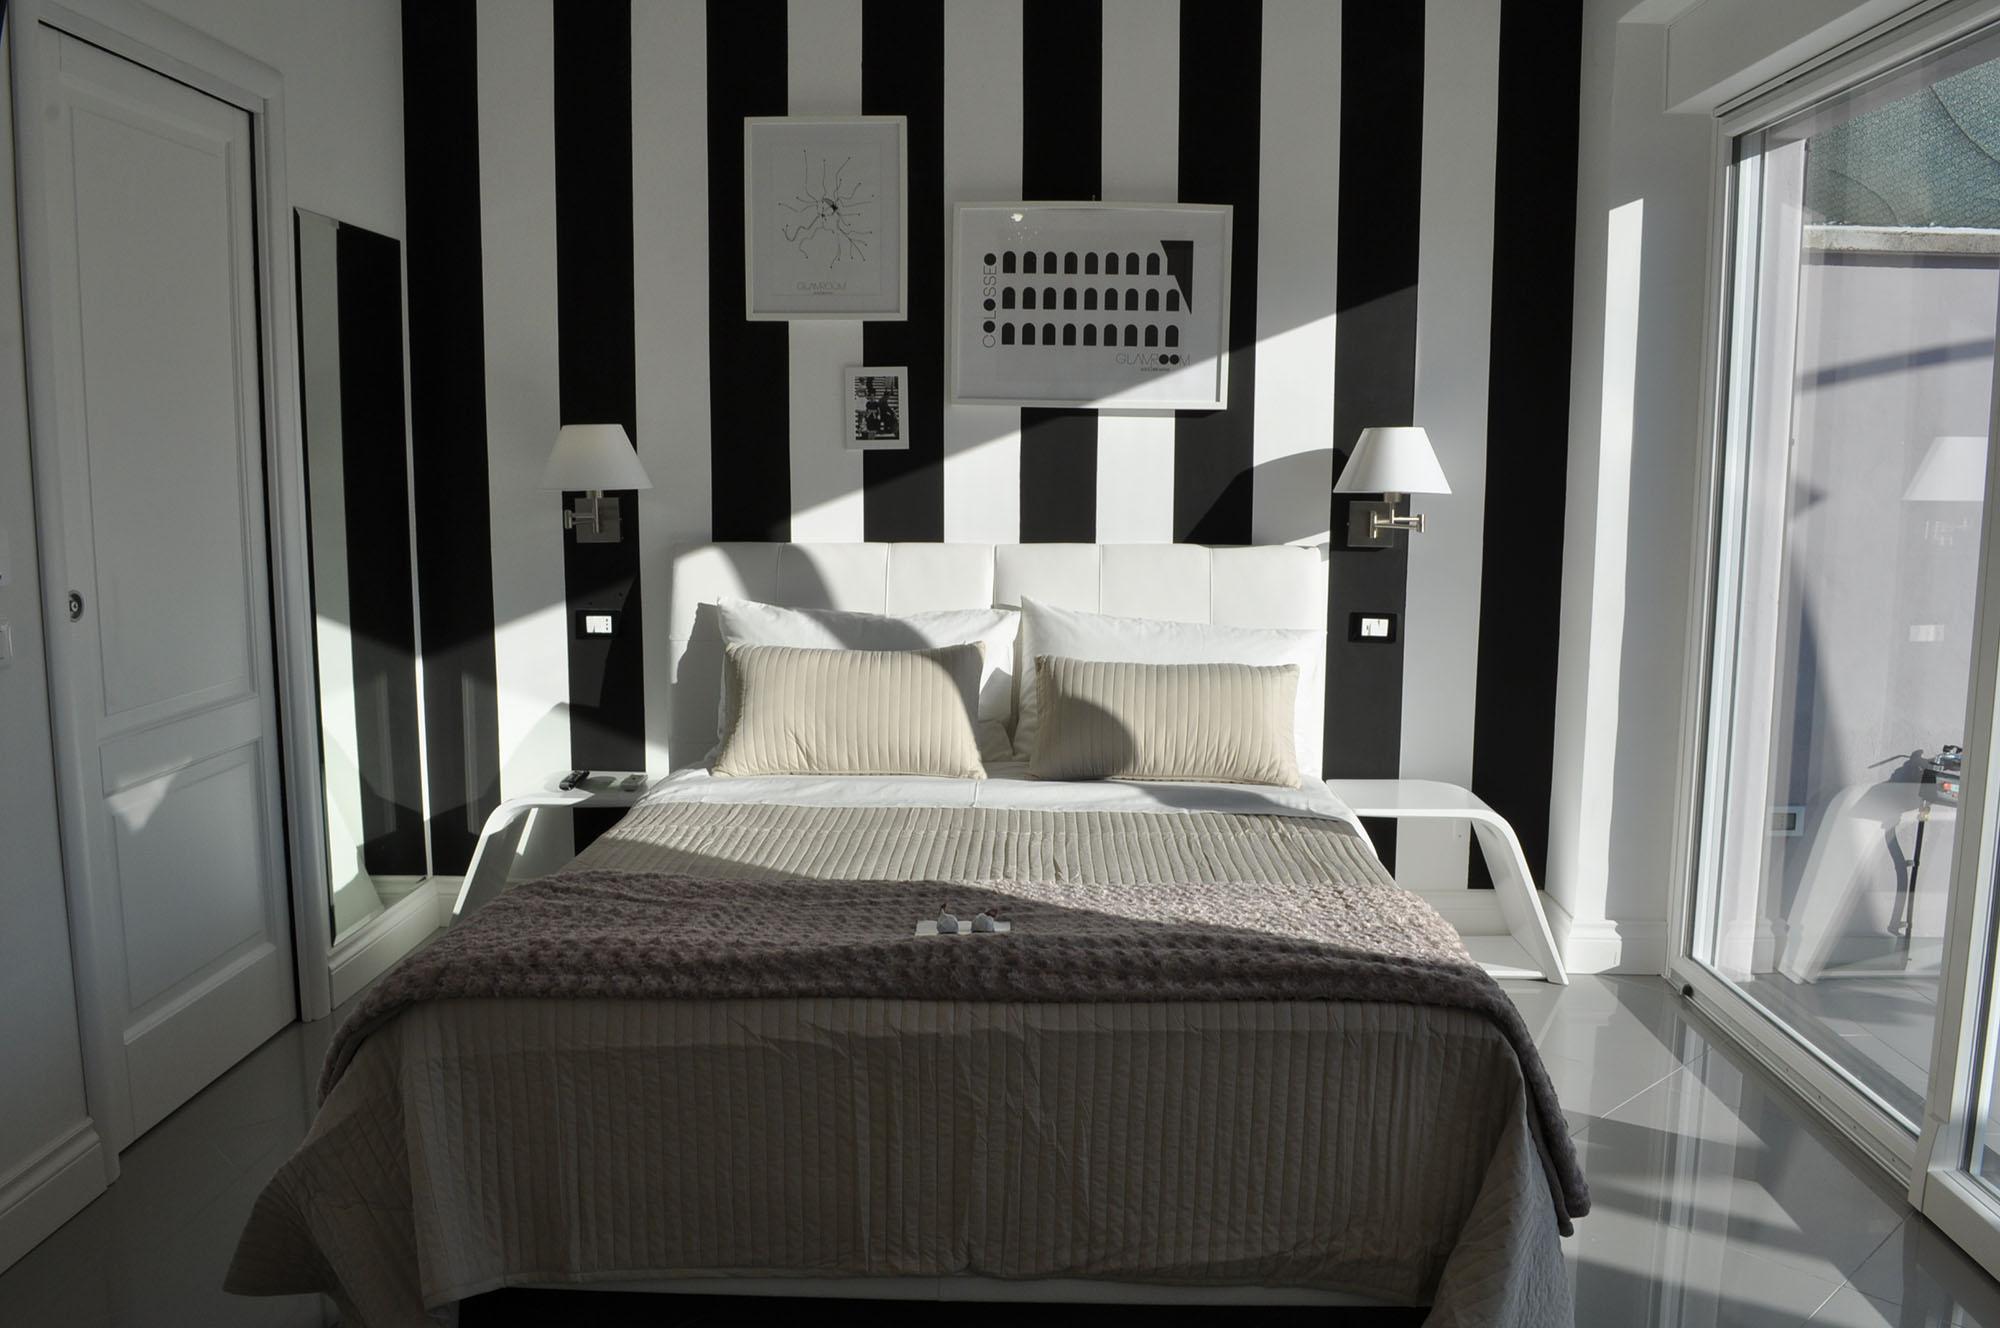 Camera da letto falegnameria su misura roma (3)